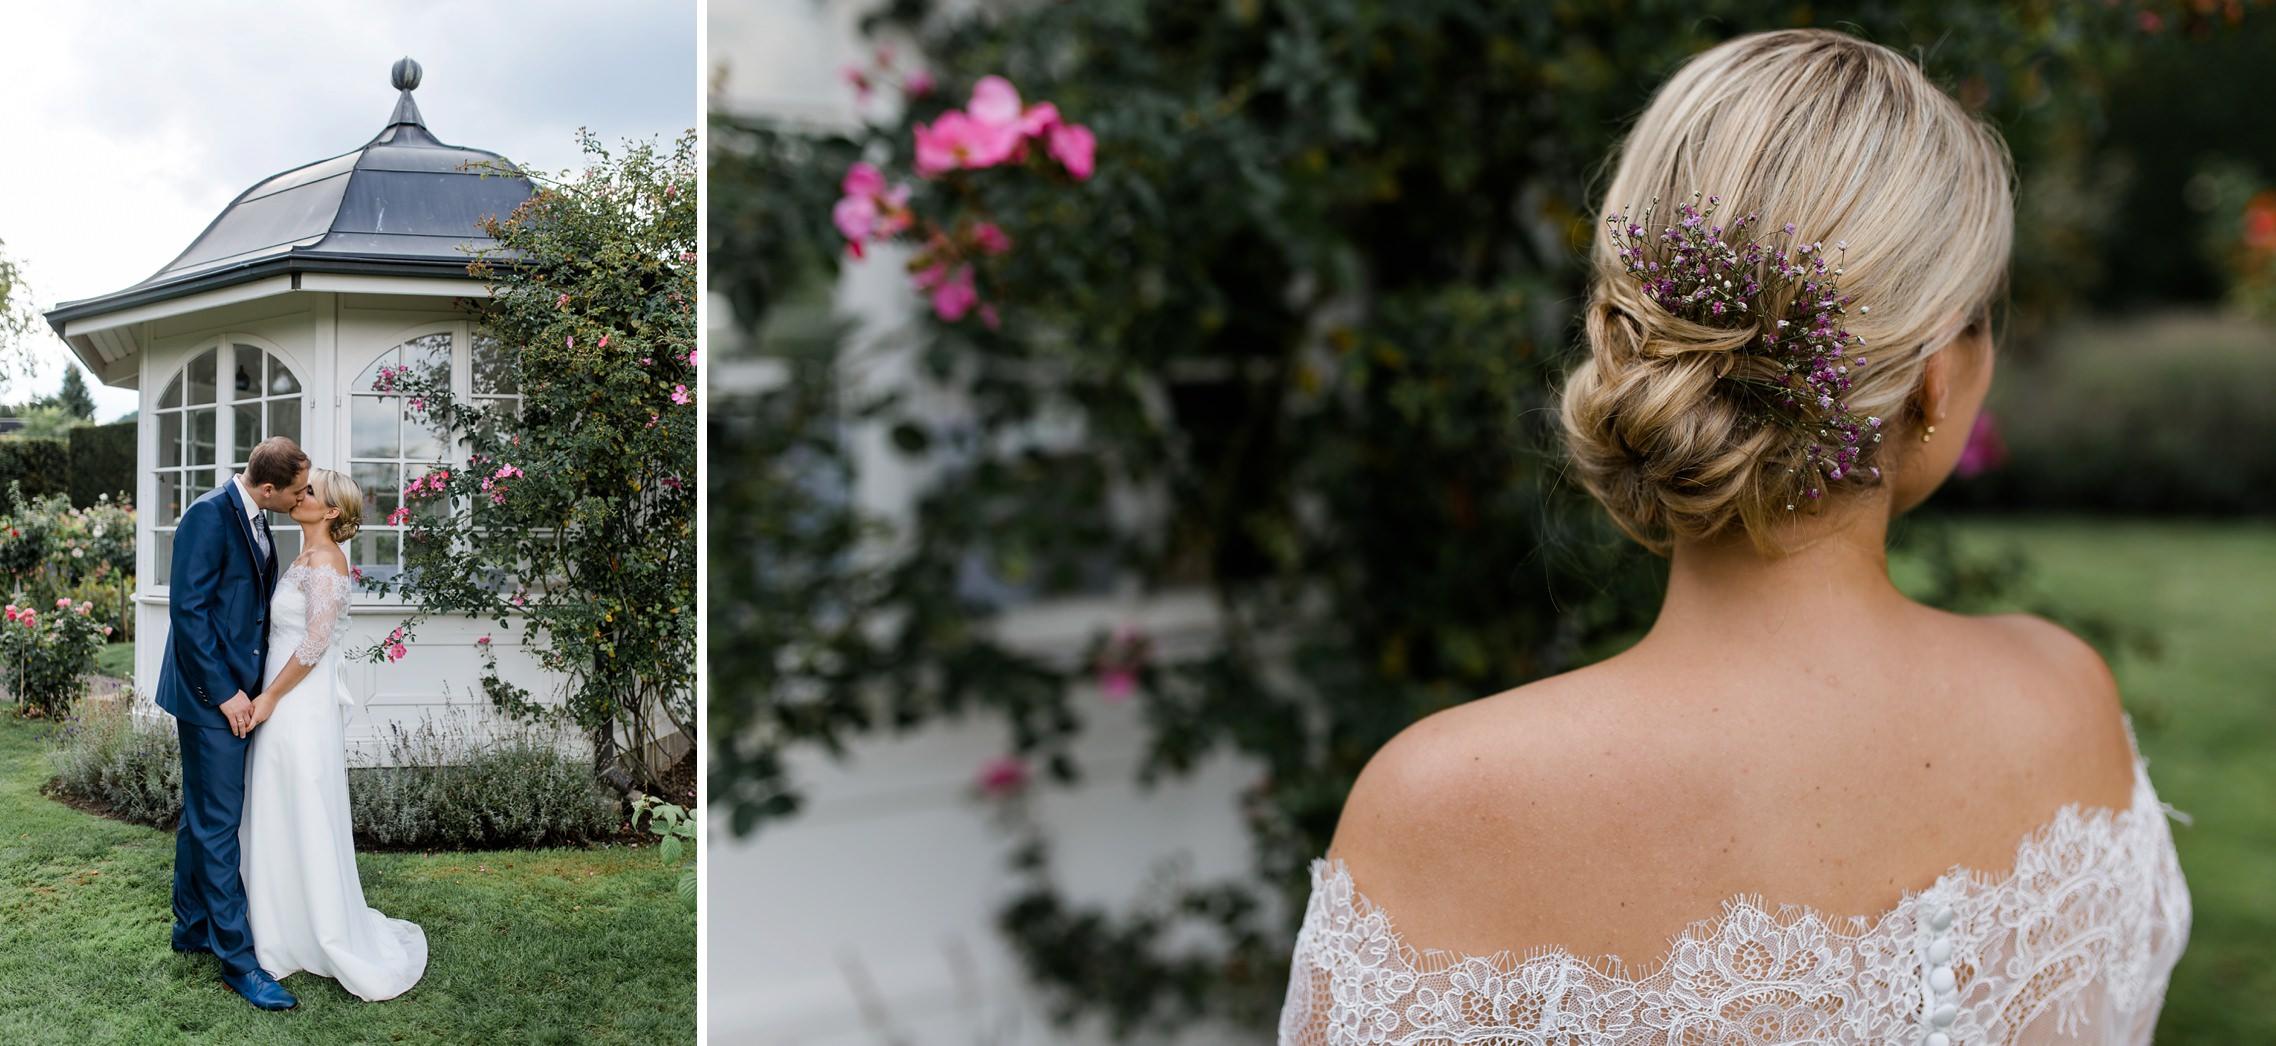 Romantisches Brautpaar-Shooting im Garten des Fitz-Ritter in Bad Dürkheim. Das Paar steht vor dem Pavillion und das andere Bild zeigt die Frisur und das Rückenteil der Braut.